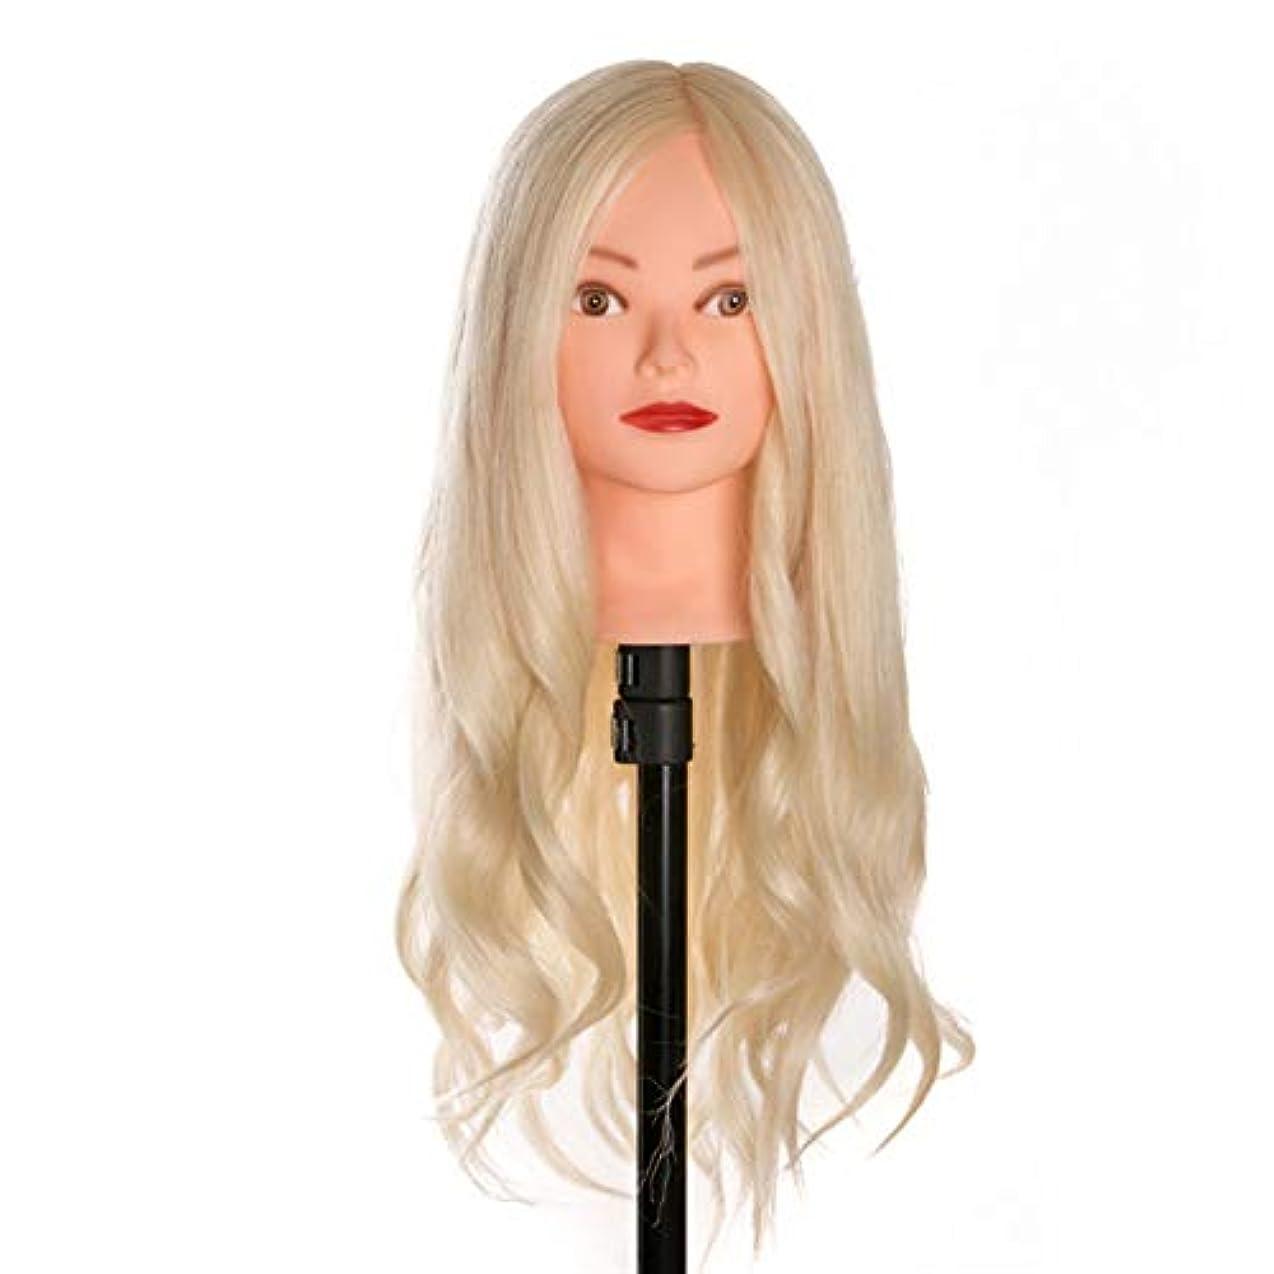 奨励区別医療過誤ヘアカットトレーニングかつらメイクディスクヘアスタイリング編組ティーチングダミーヘッド理髪サロンエクササイズヘッド金型3個